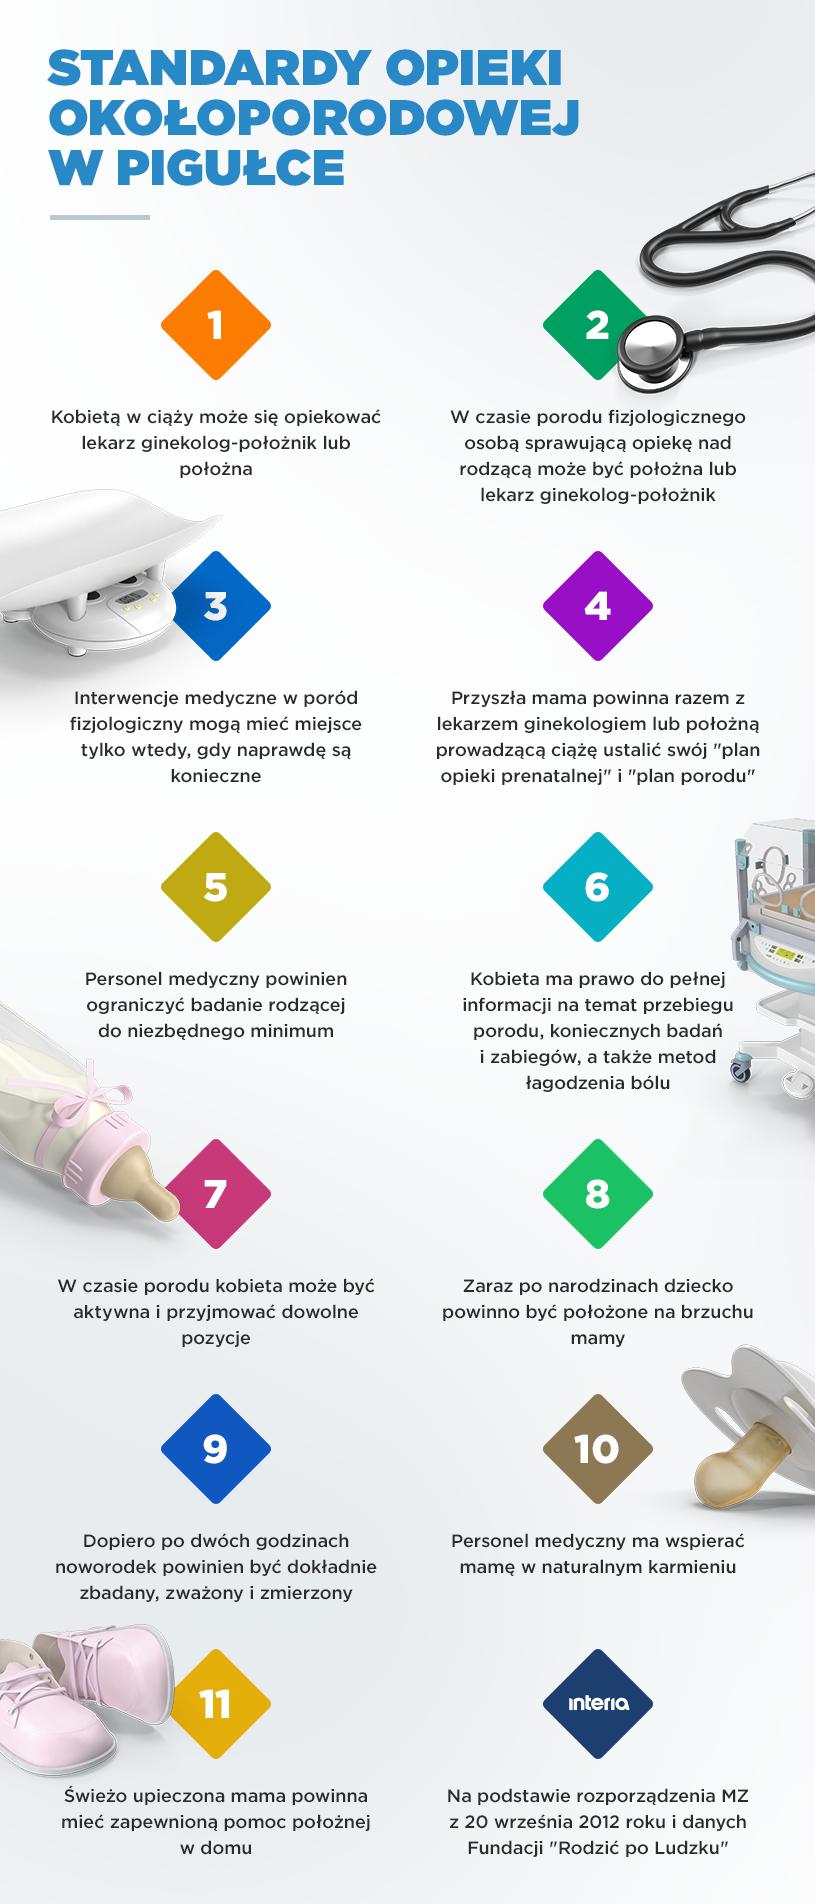 Standardy opieki okołoporodowej w Polsce /INTERIA.PL